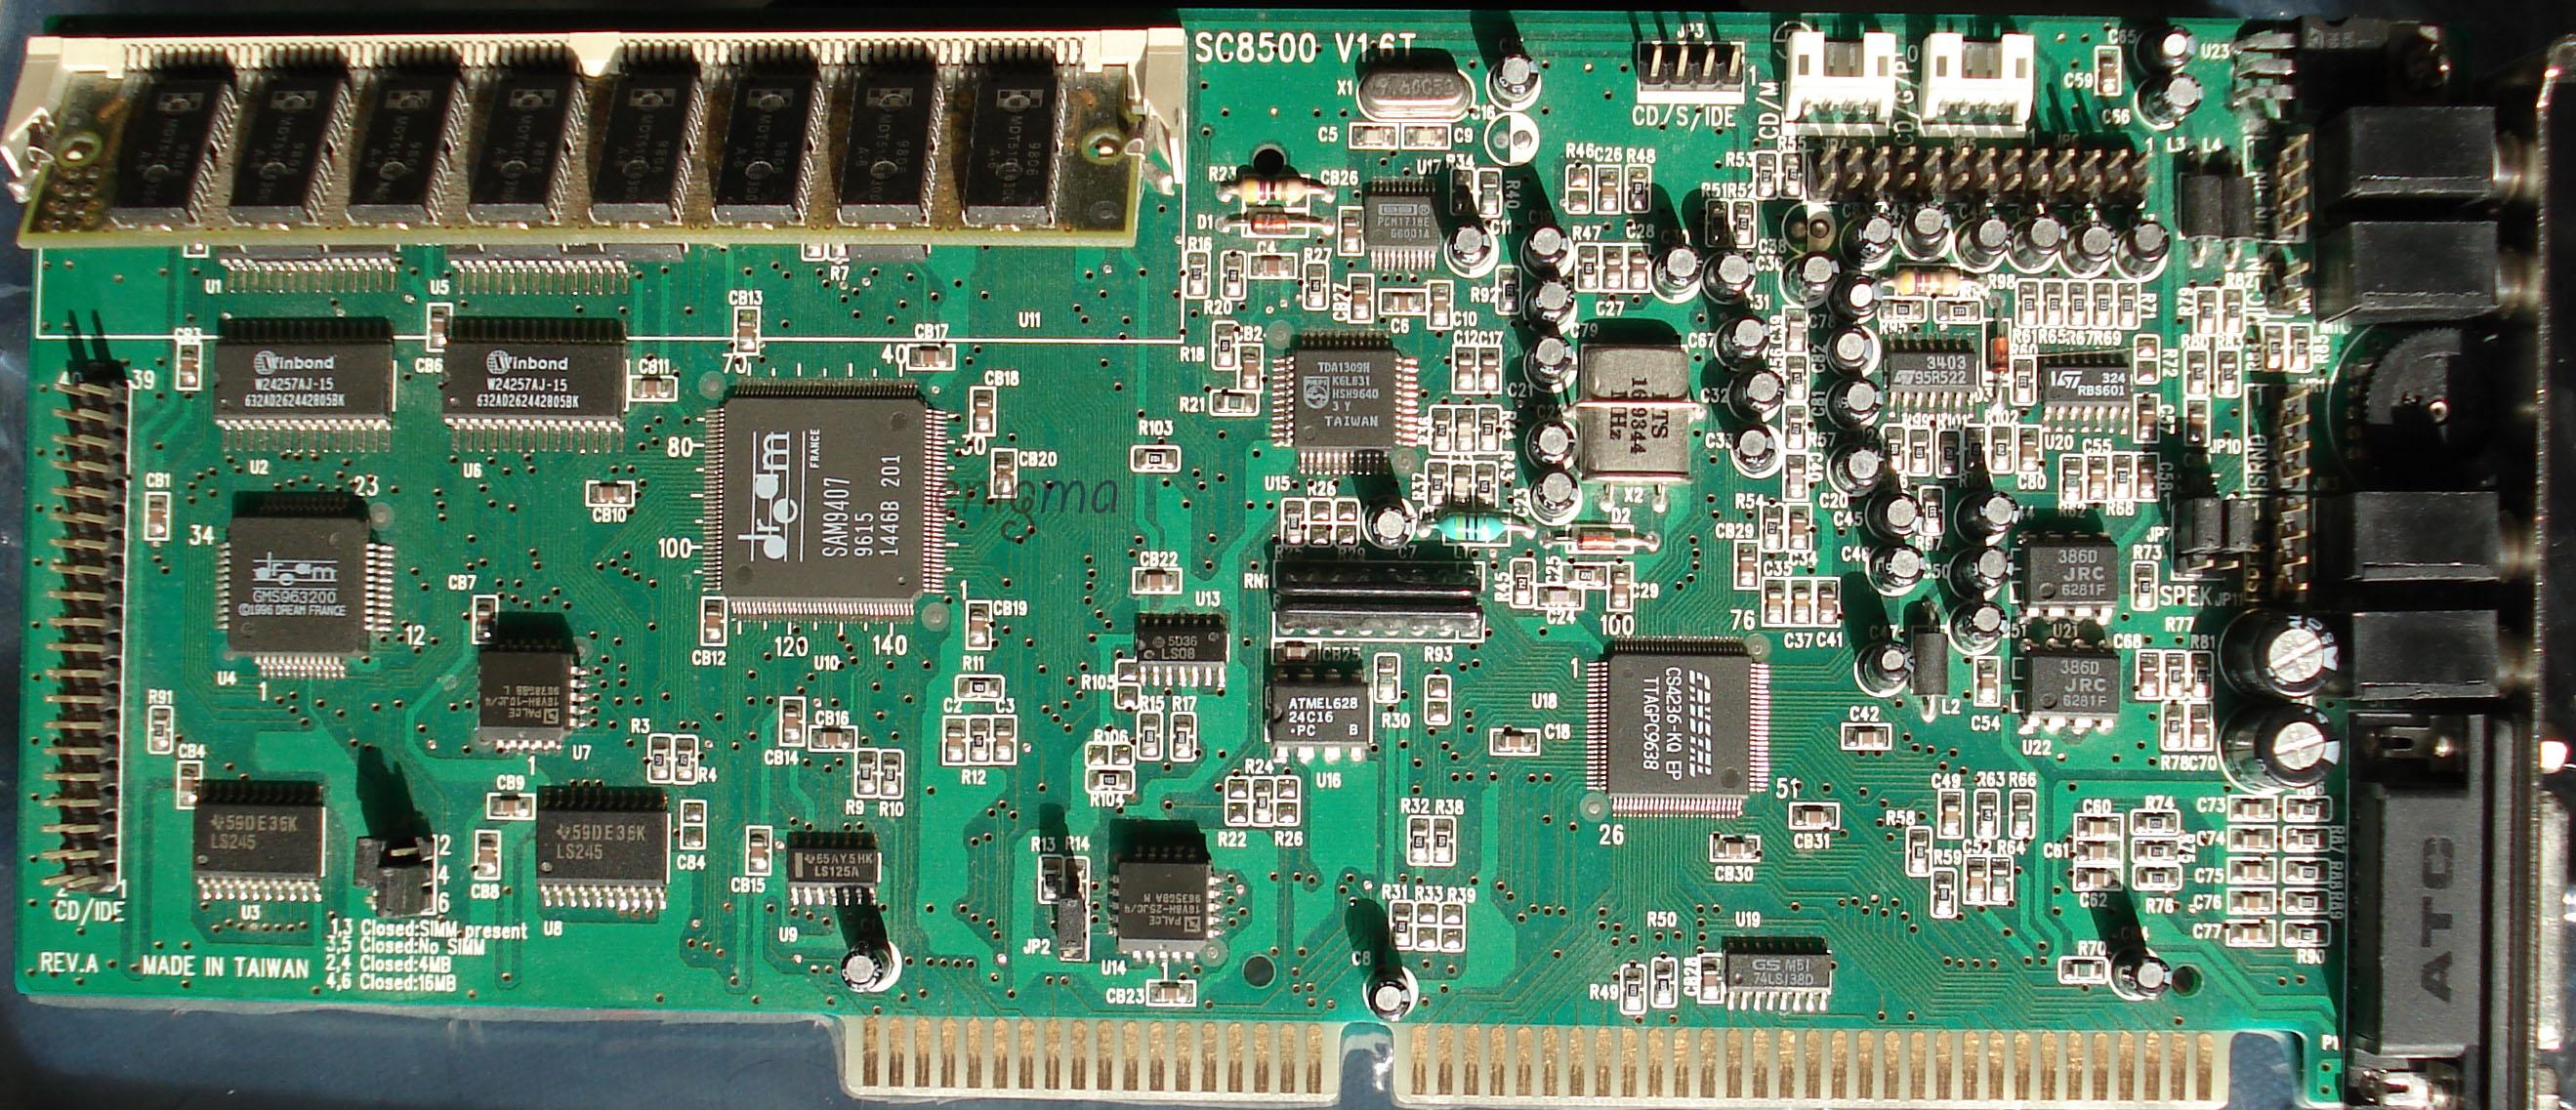 My X86 Retro Computers